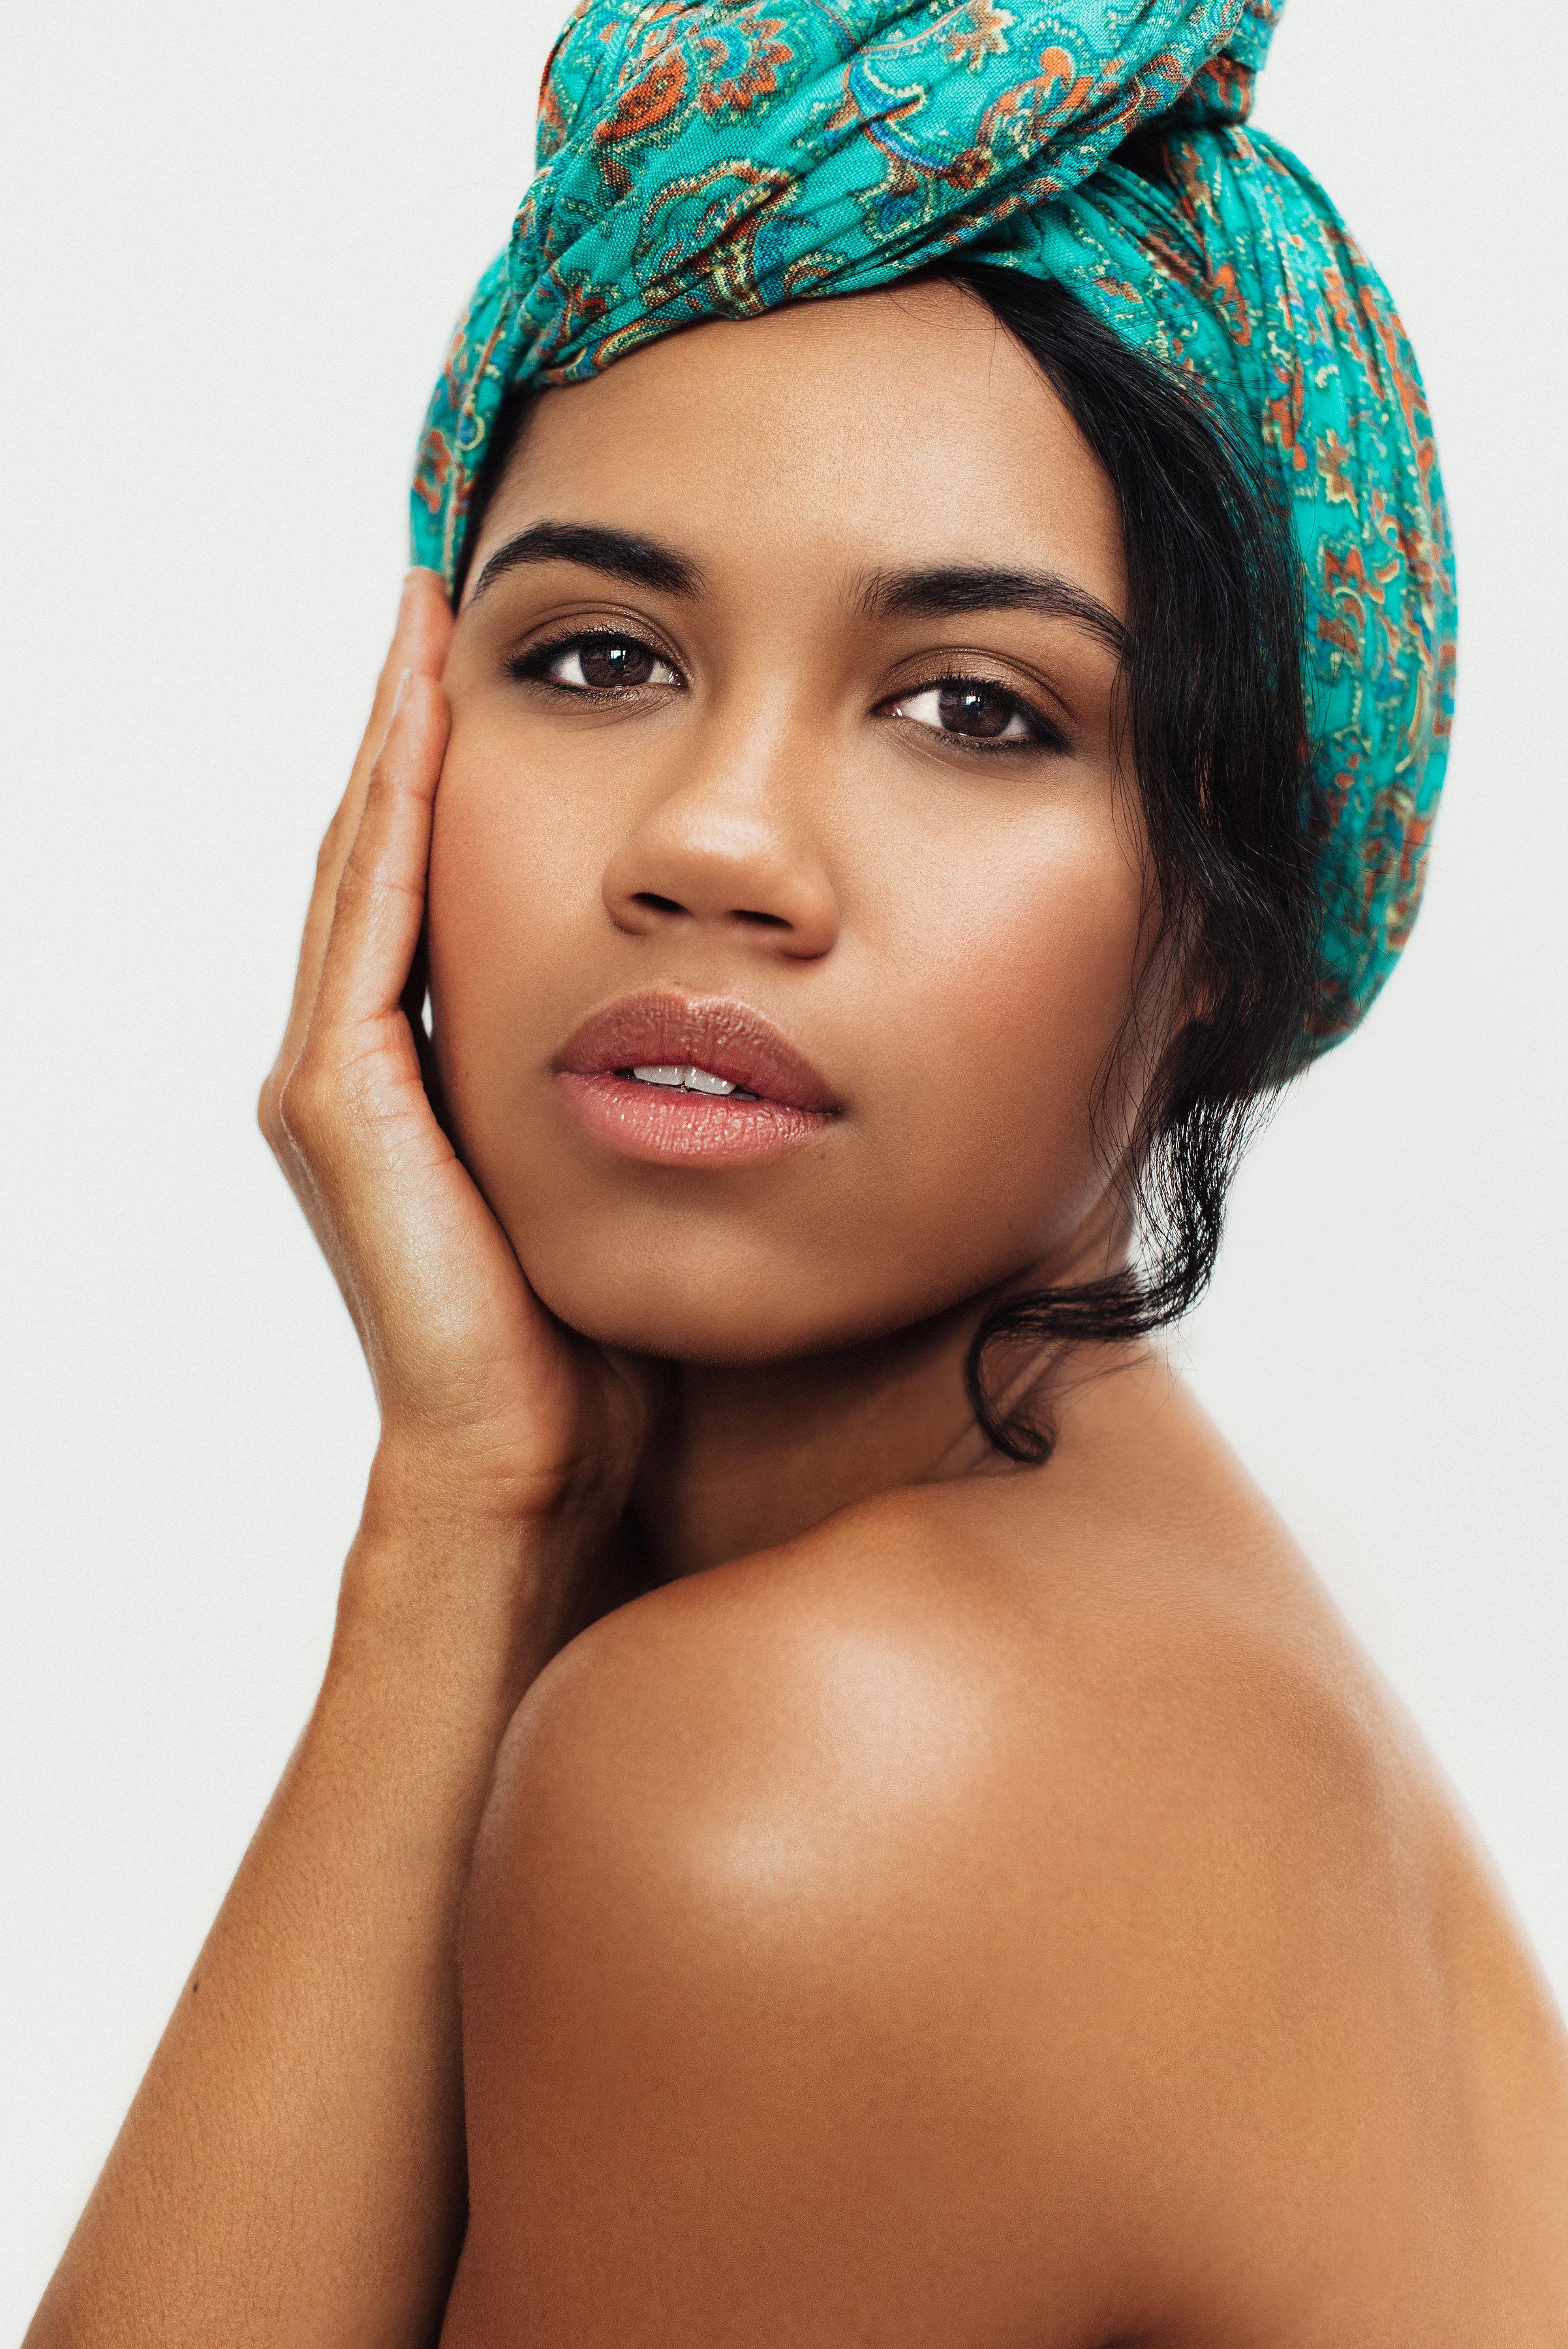 B A R E  Photographer: Eden Strader  Makeup Artist: Abigail Hill